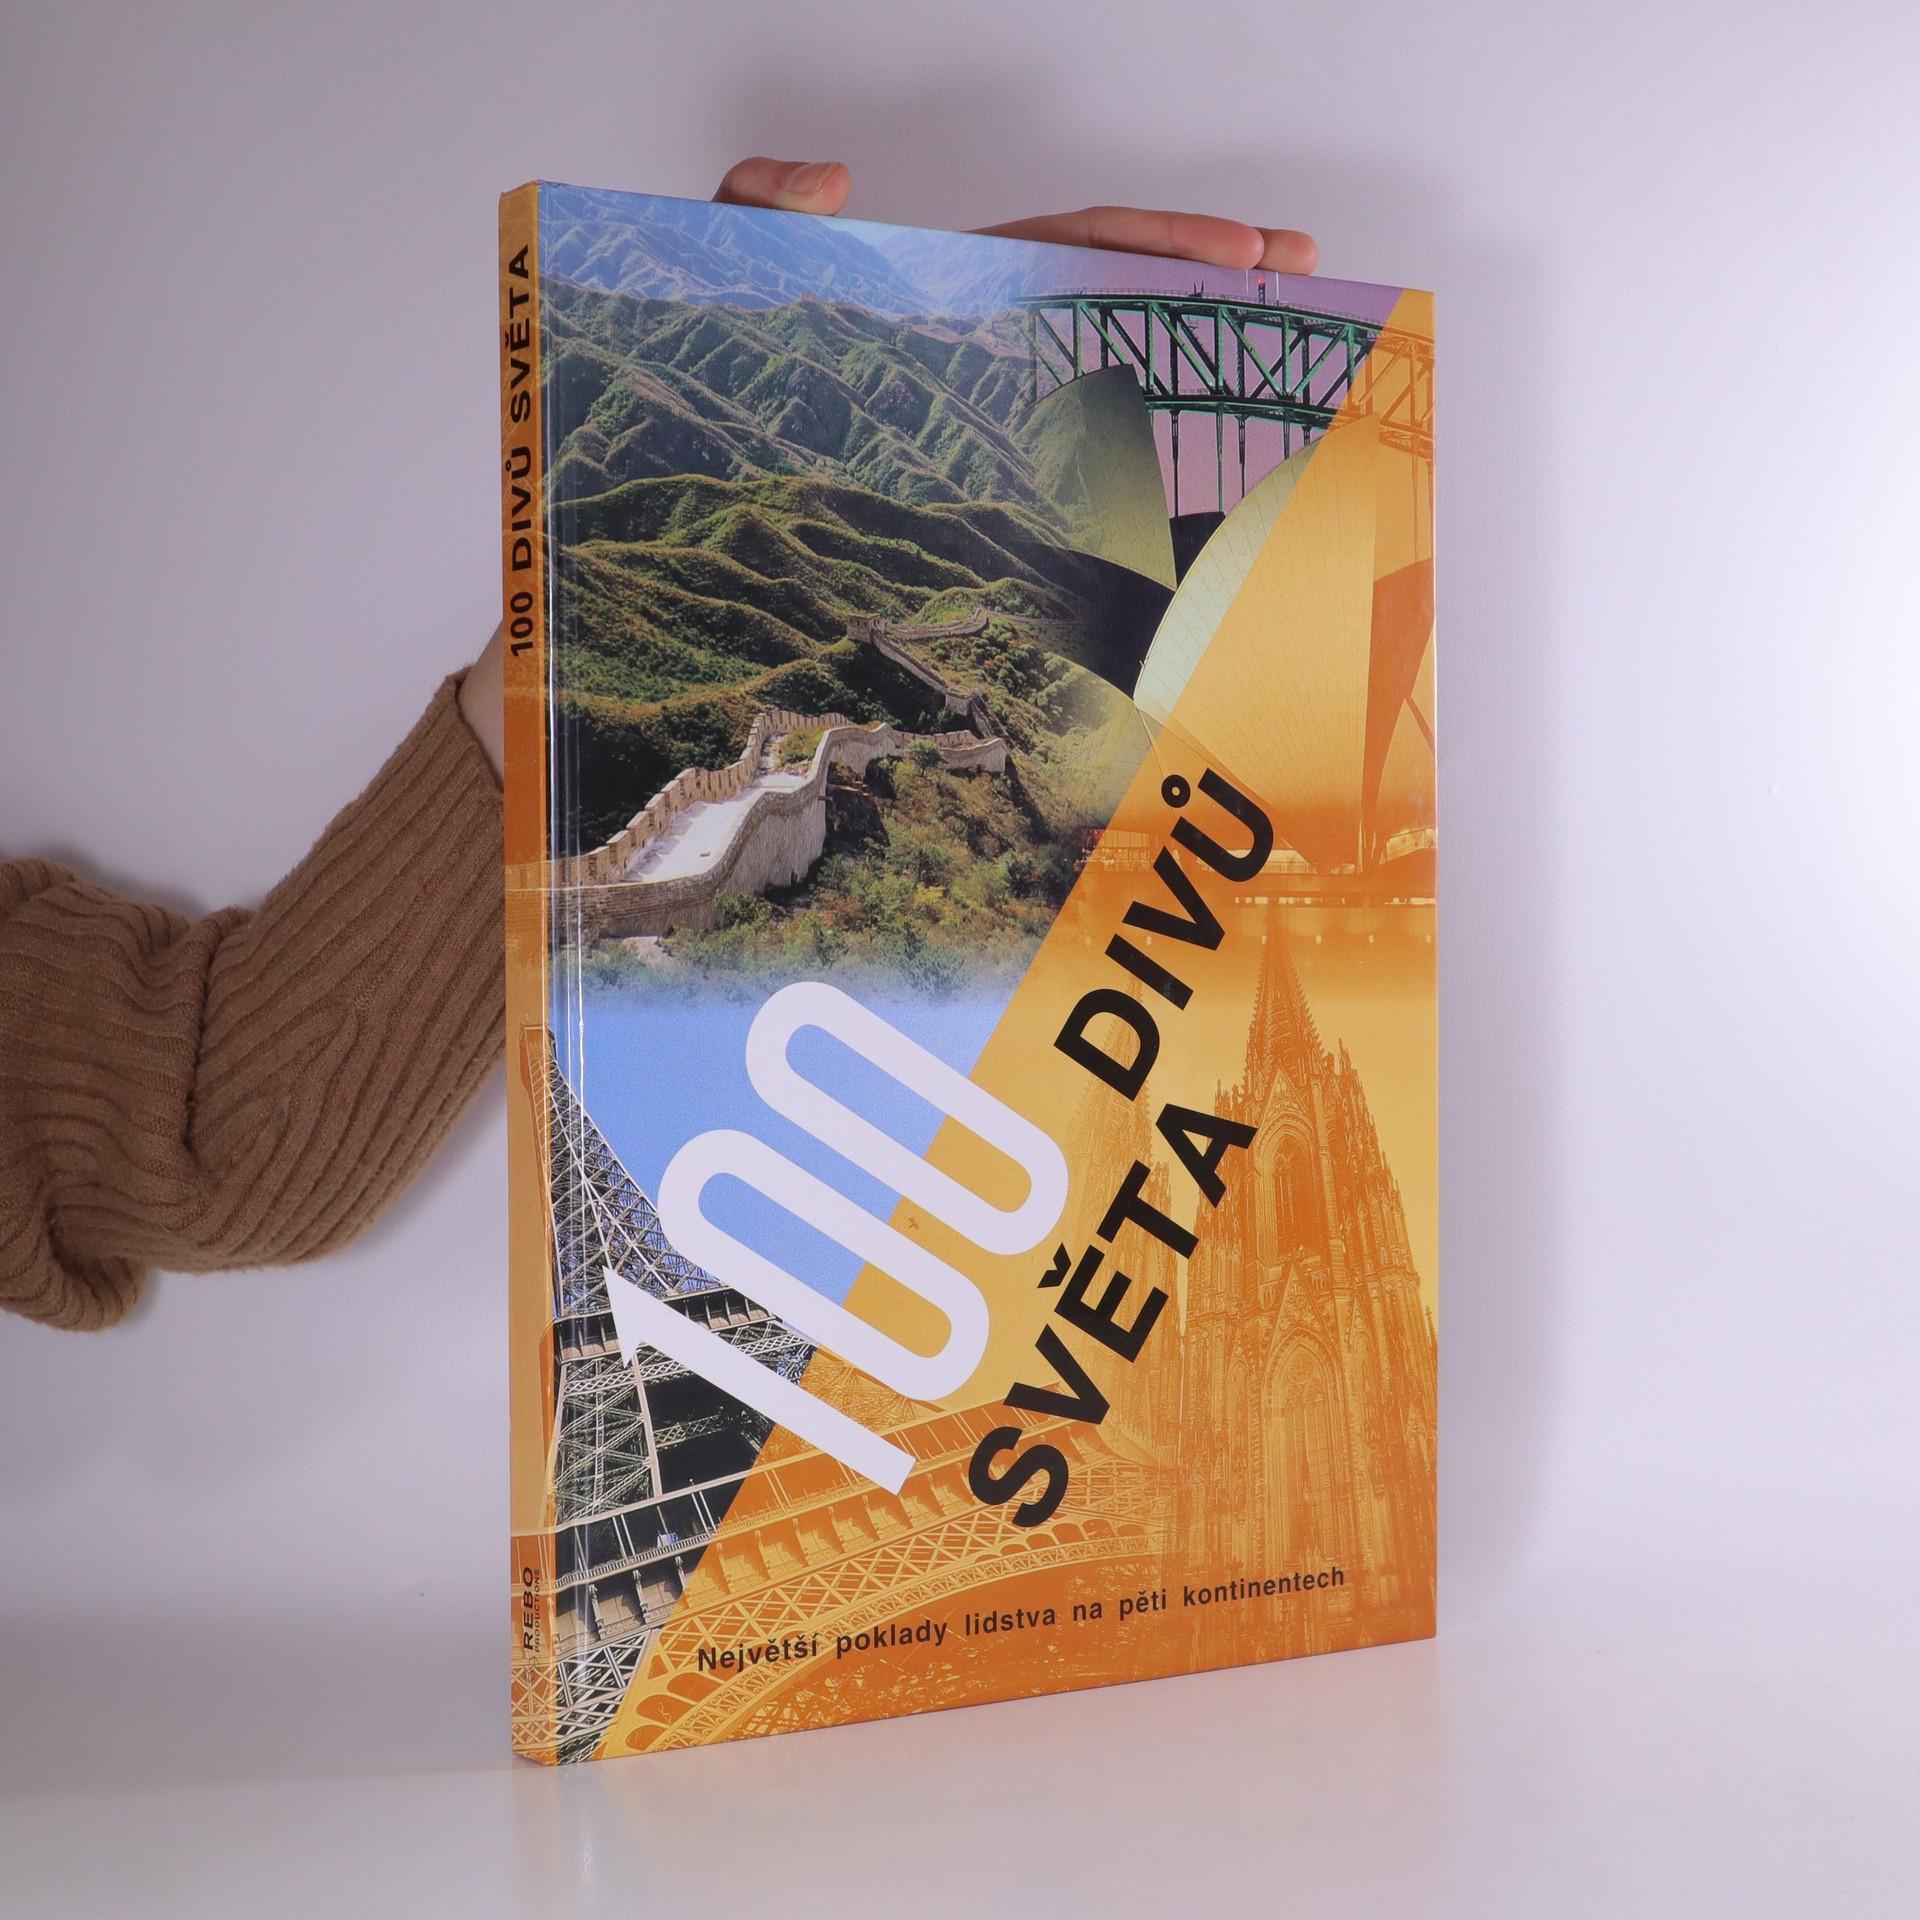 antikvární kniha 100 divů světa : největší poklady lidstva na pěti kontinentech, 2003